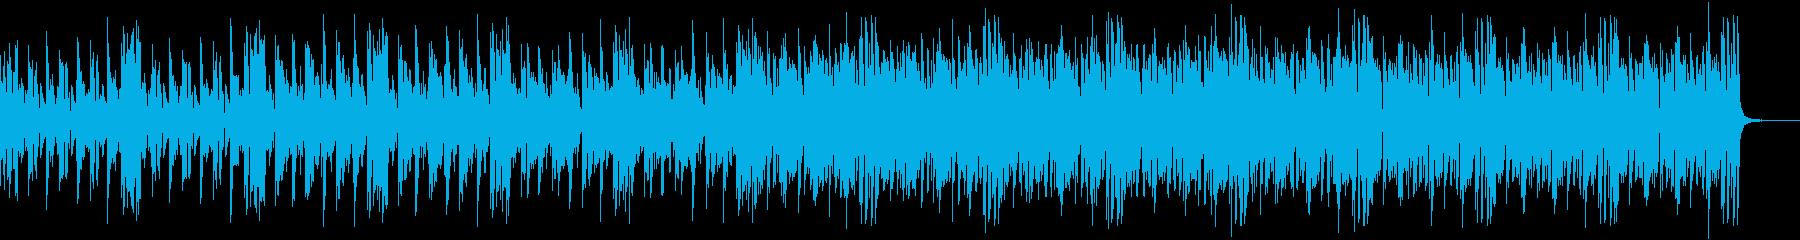 天気ニュースBGMの再生済みの波形